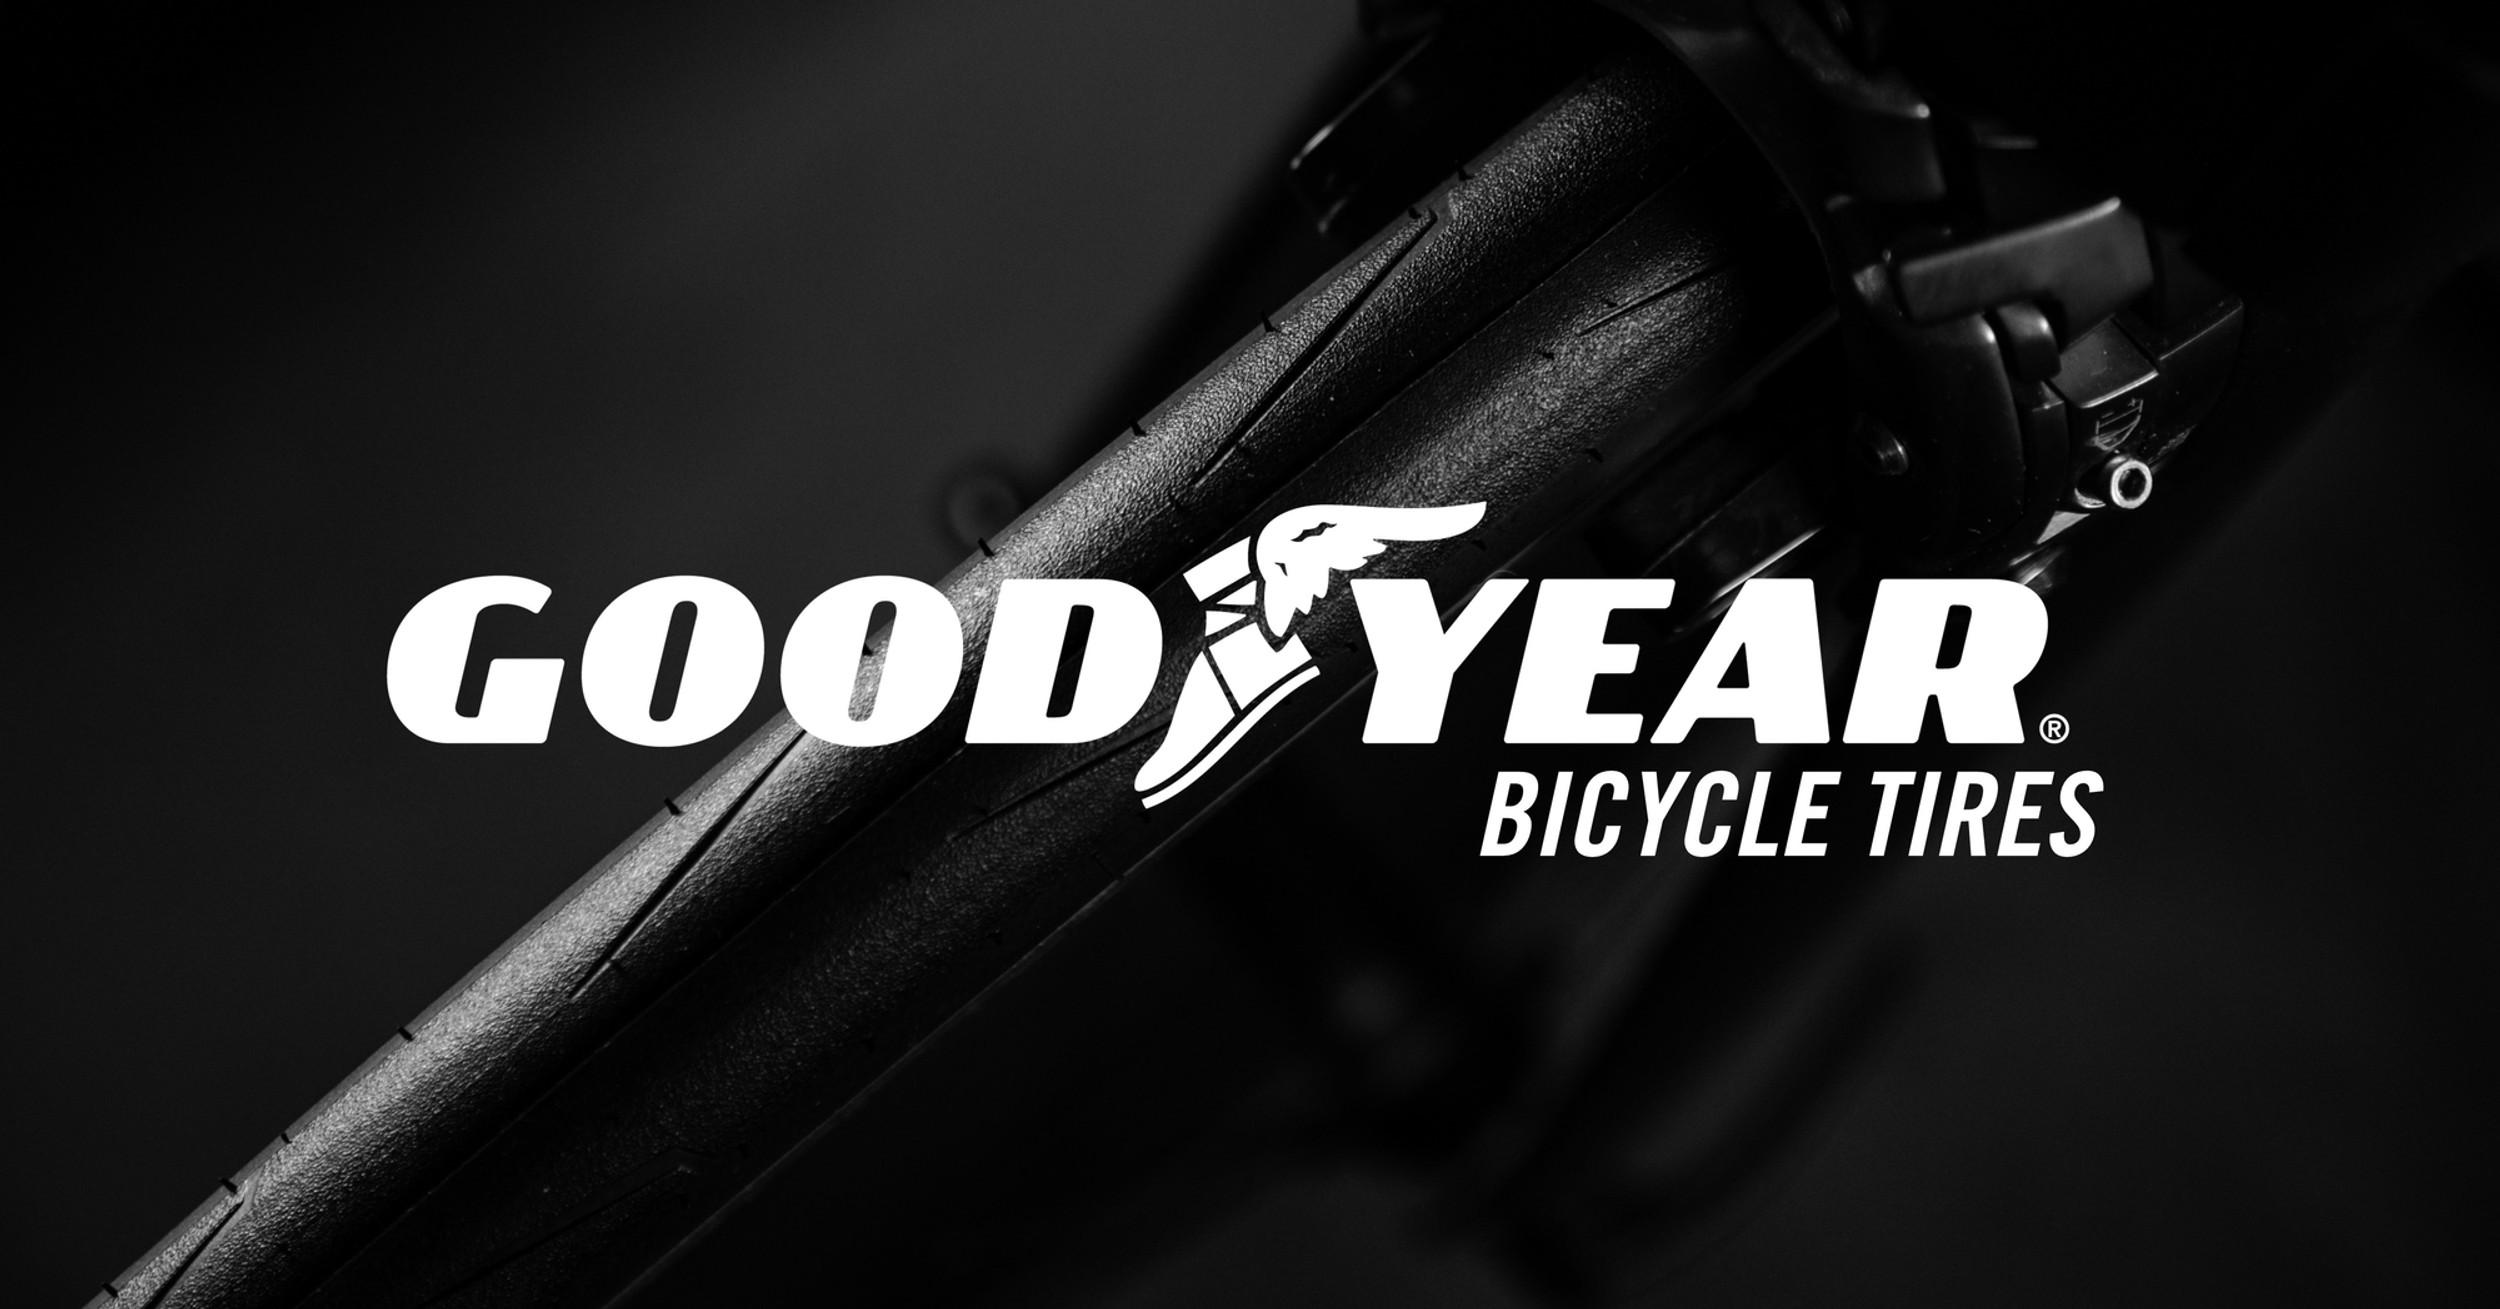 www.goodyearbike.com